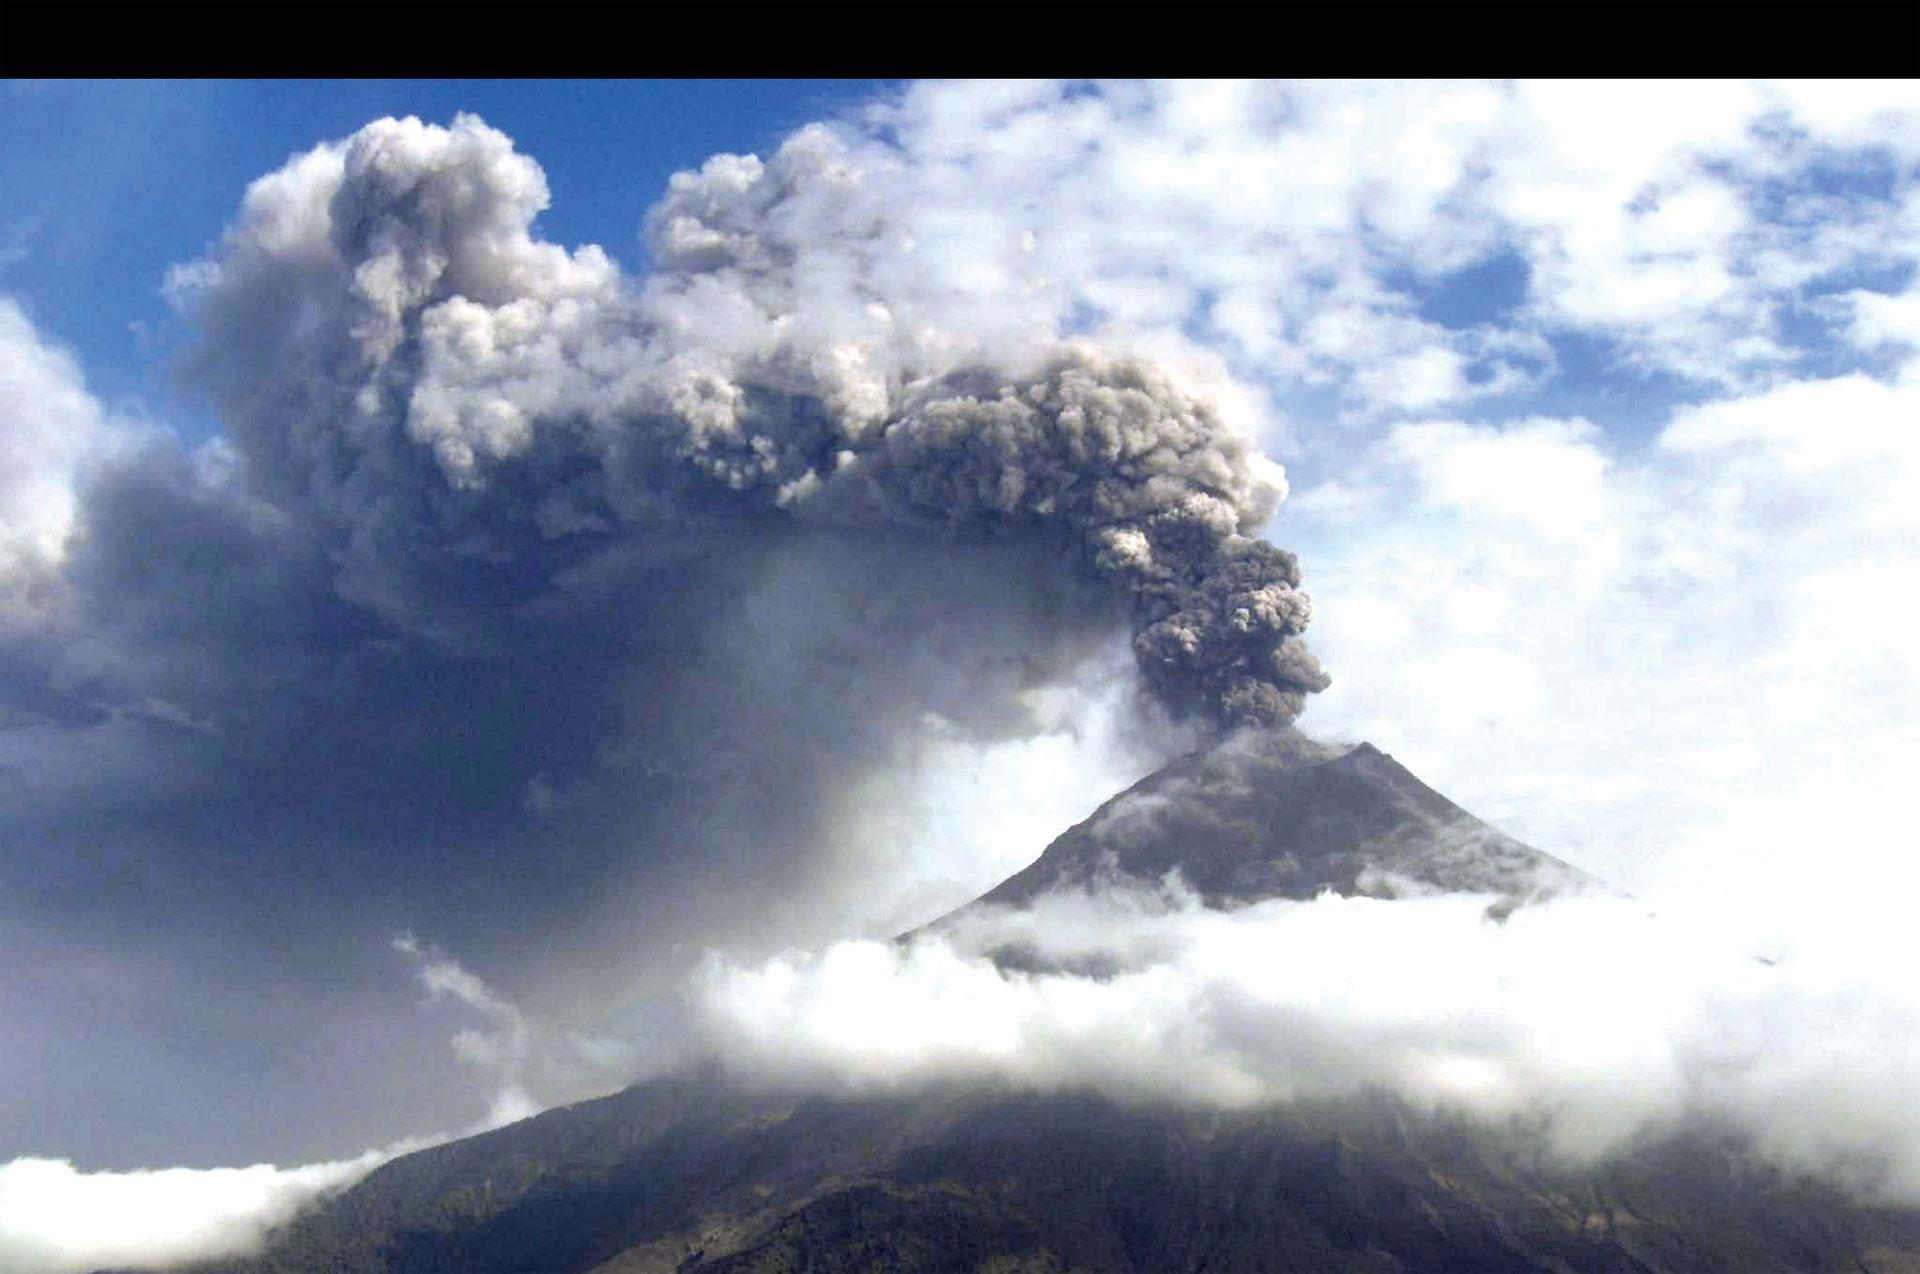 El volcán Tunguruahua expulsó cenizas a cuatro aldeas